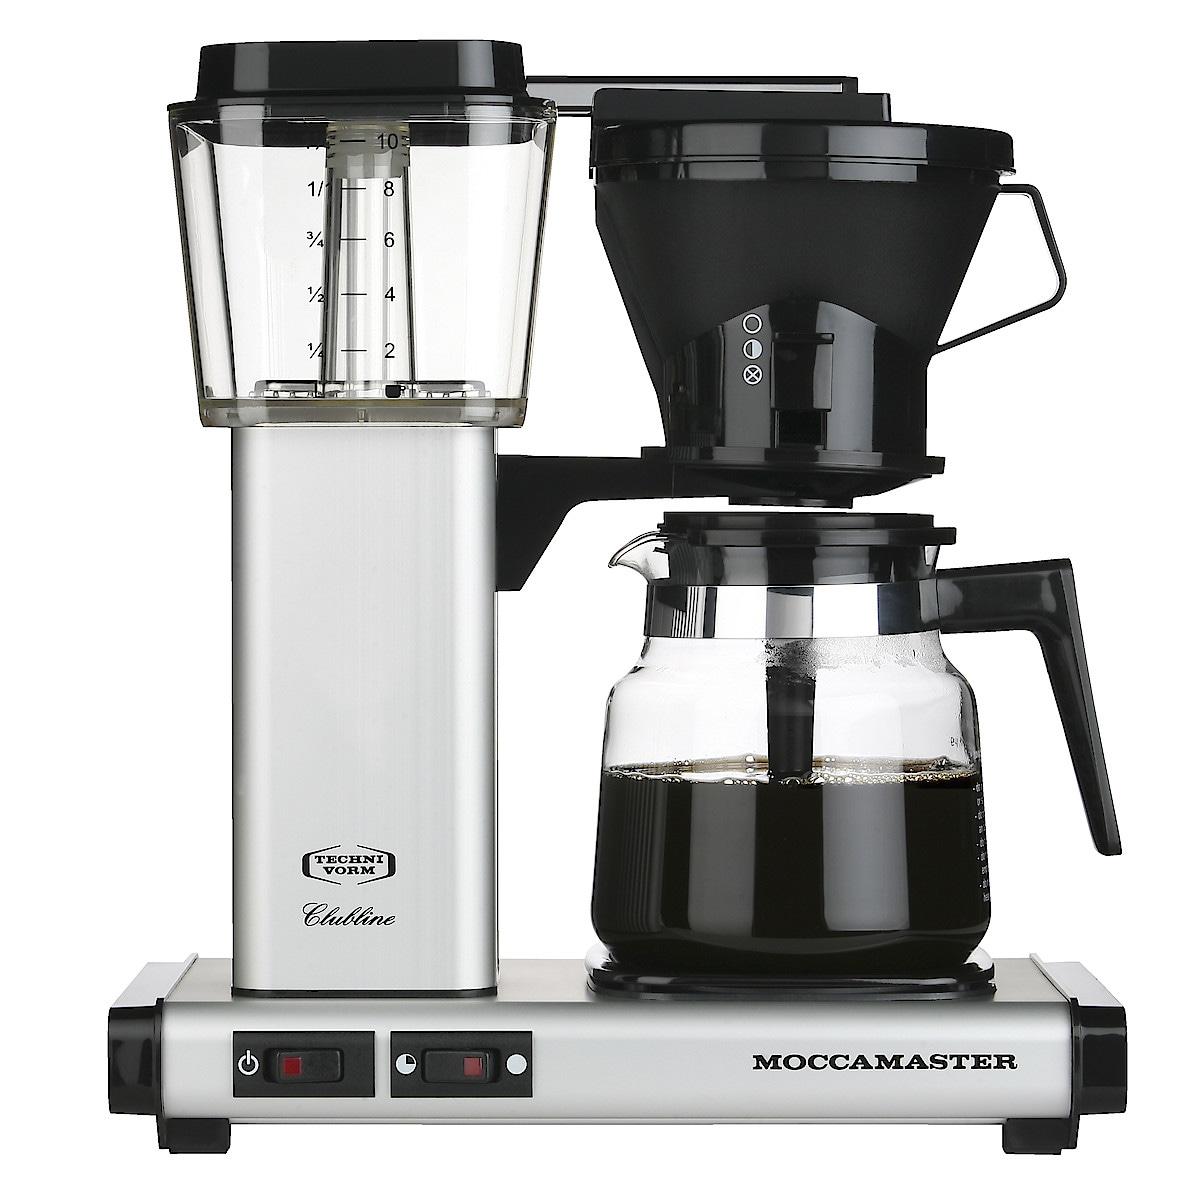 Moccamaster KB952AO kaffebryggare